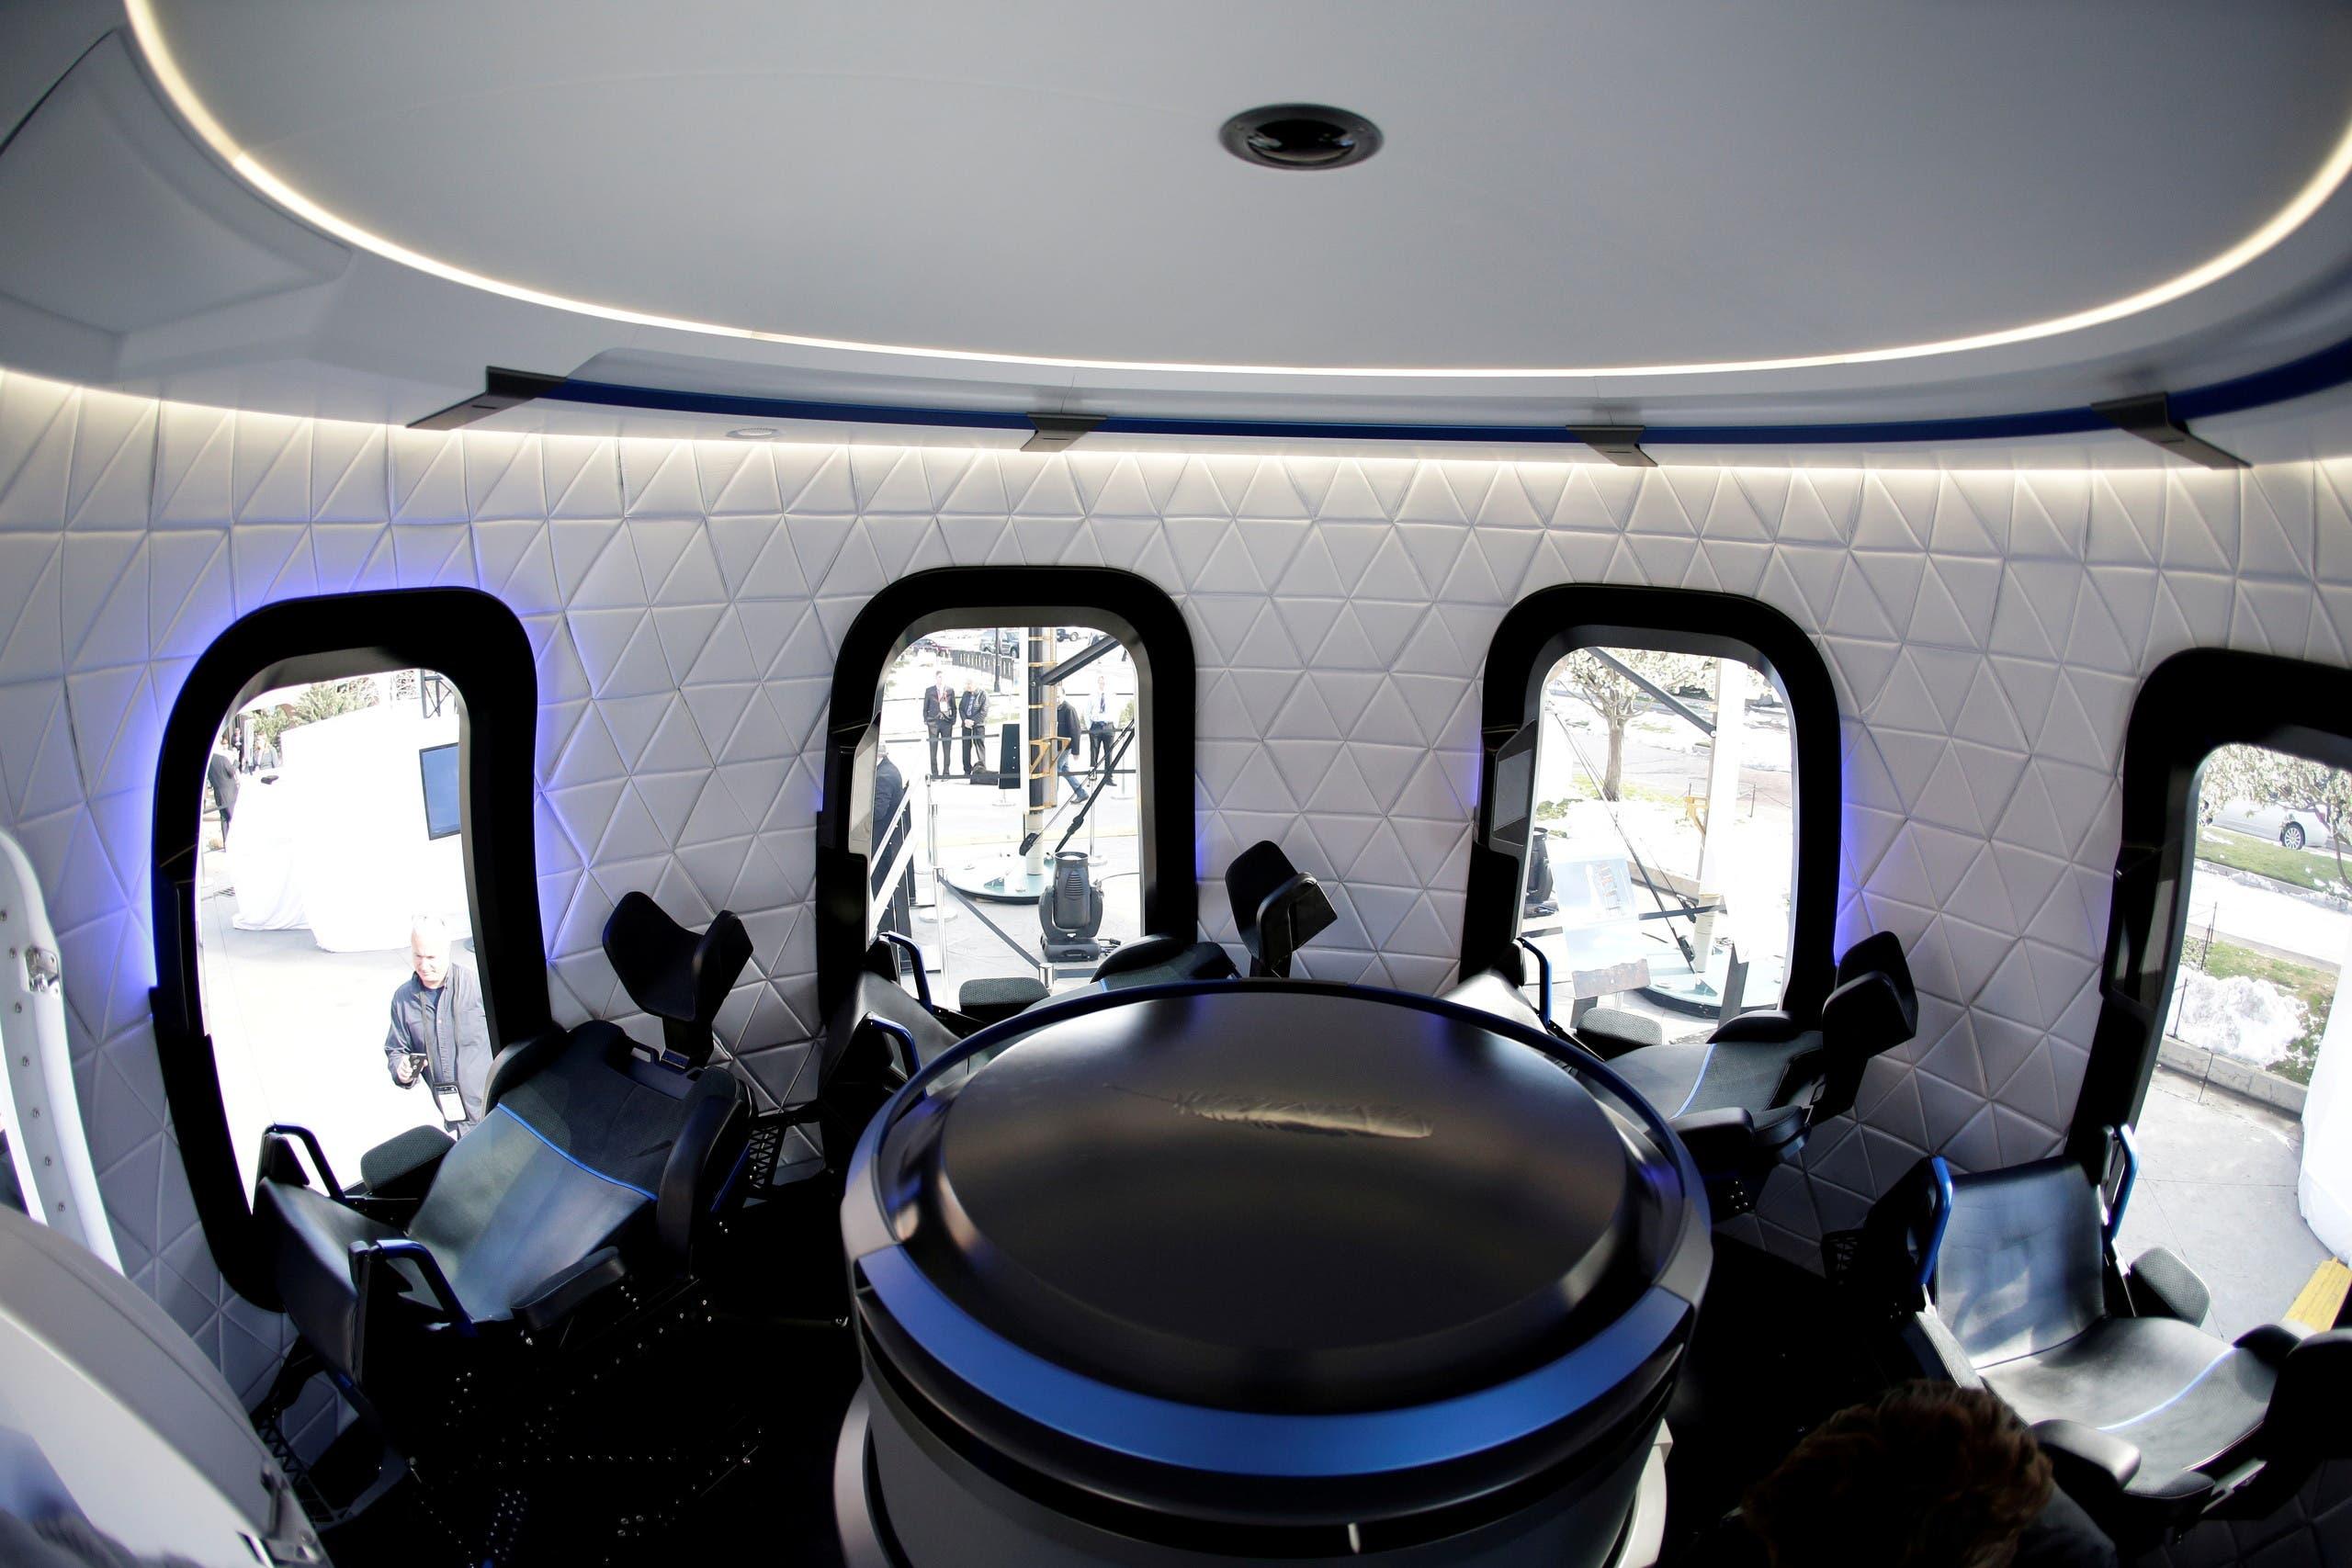 نموذج عن الكبسولة التي ستحلق في الفضاء